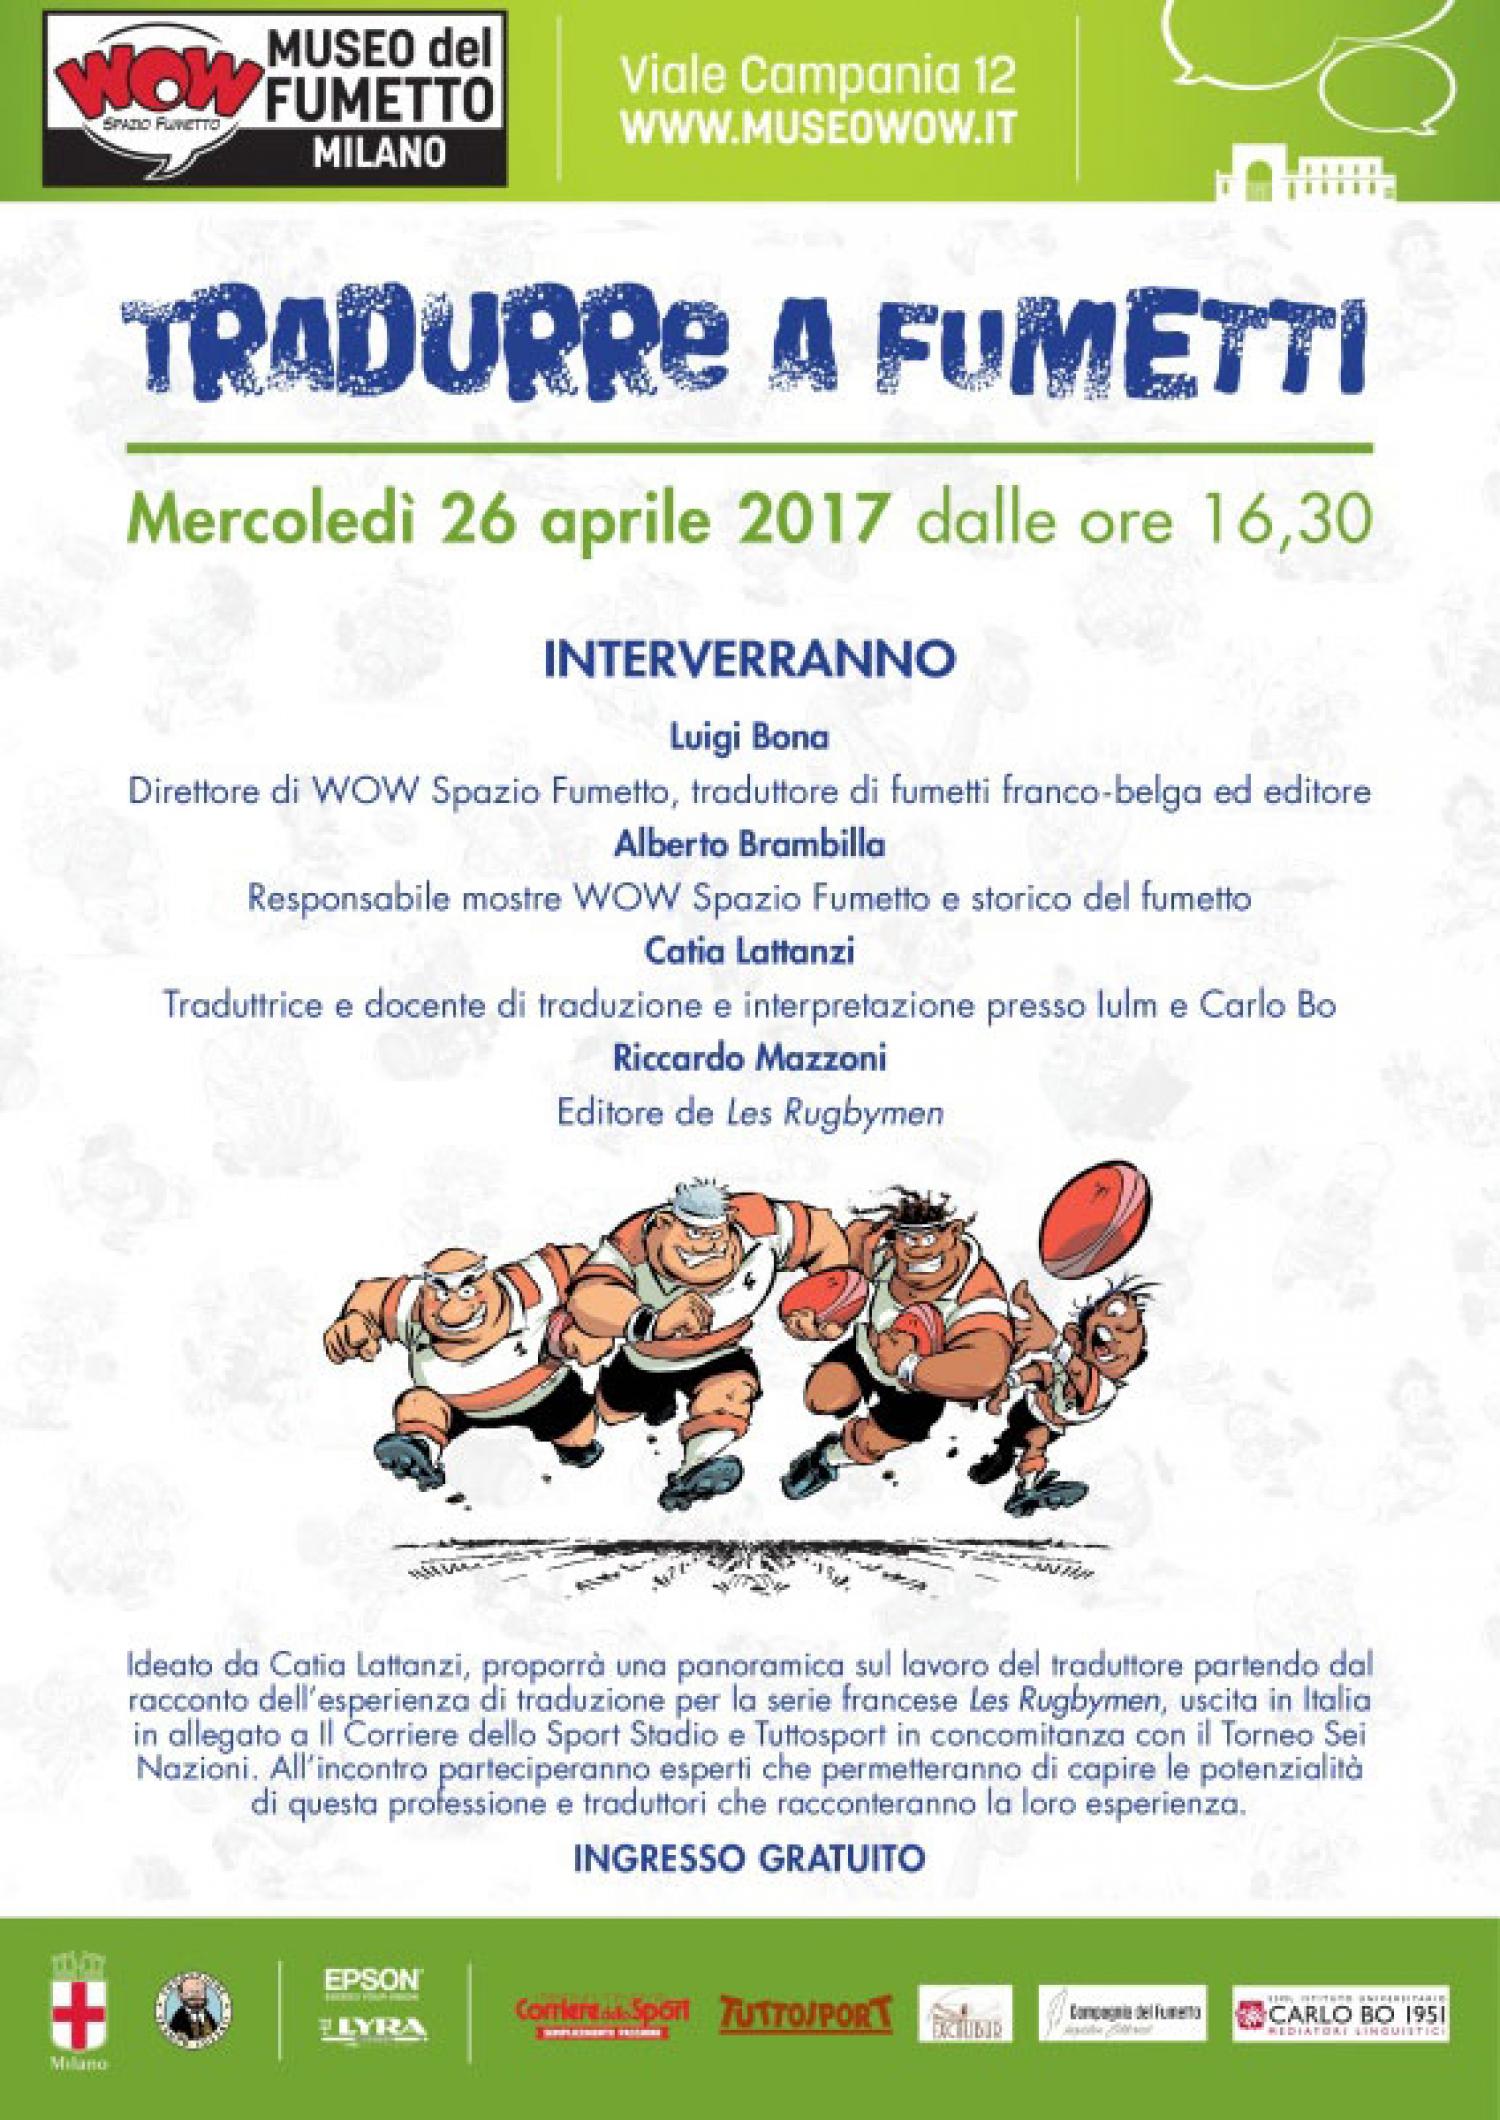 """<p><strong>Ideato da Catia Lattanzi, l&#39;incontro a ingresso libero proporr&agrave; una panoramica sul lavoro del traduttore</strong> partendo dal racconto dell&rsquo;esperienza di traduzione per la serie francese <strong><em><a target=""""_blank"""" href=""""http://www.corrieredellosport.it/news/domani-sul-giornale/2017/02/03-20994102/rugbymen_la_grande_famiglia_del_sei_nazioni/?cookieAccept"""">Les Rugbymen</a></em></strong>, uscita in Italia in allegato a <a target=""""_blank"""" href=""""http://www.corrieredellosport.it"""">Il Corriere dello Sport</a> e <a target=""""_blank"""" href=""""http://www.tuttosport.com/"""">Tuttosport</a> in concomitanza con il Torneo Sei Nazioni. <strong>All&rsquo;incontro parteciperanno esperti che permetteranno di capire le potenzialit&agrave; di questa professione e traduttori che racconteranno la loro esperienza. Interverranno: Luigi F. Bona</strong>, direttore di WOW Spazio Fumetto, traduttore di fumetti franco-belga ed editore; <strong>Alberto Brambilla</strong>, responsabile mostre WOW Spazio Fumetto e storico del fumetto; <strong>Catia Lattanzi</strong>, traduttrice e docente di traduzione e interpretazione presso <a target=""""_blank"""" href=""""http://www.iulm.it/"""">Iulm</a> e <a target=""""_blank"""" href=""""http://www.ssmlcarlobo.it/"""">SSML Istituto Universitario Carlo Bo</a>; <strong>Riccardo Mazzoni</strong>, editore de <em>Les Rugbymen</em>.</p>"""